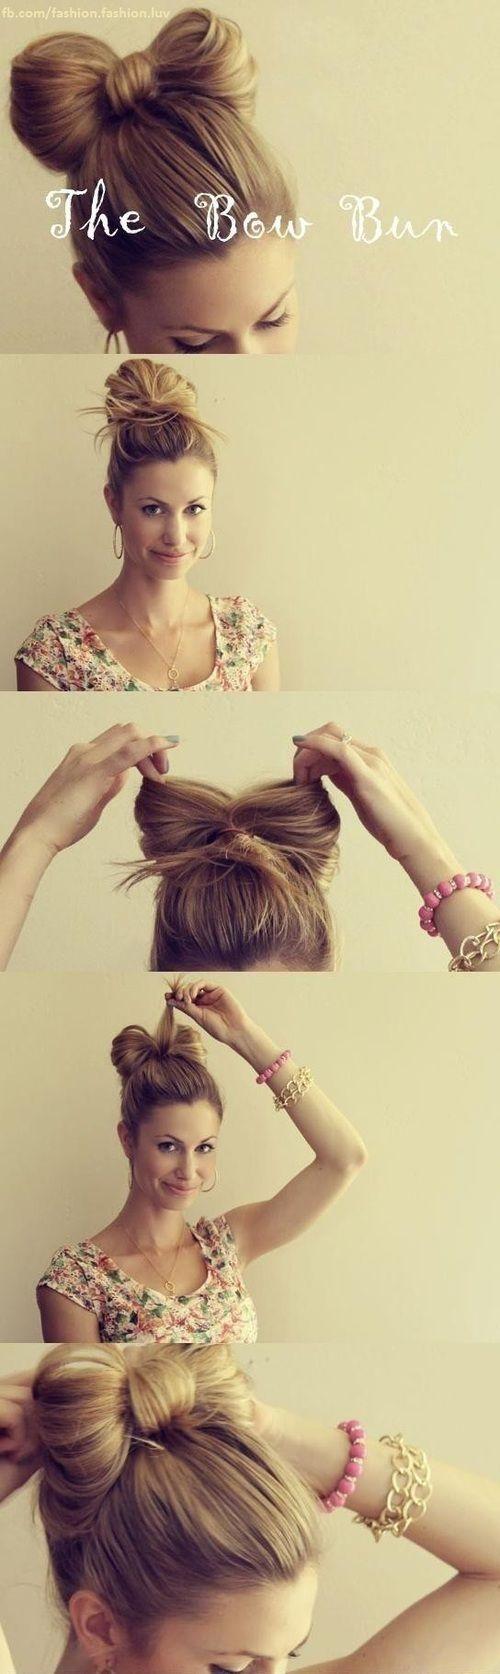 bow bun #hair